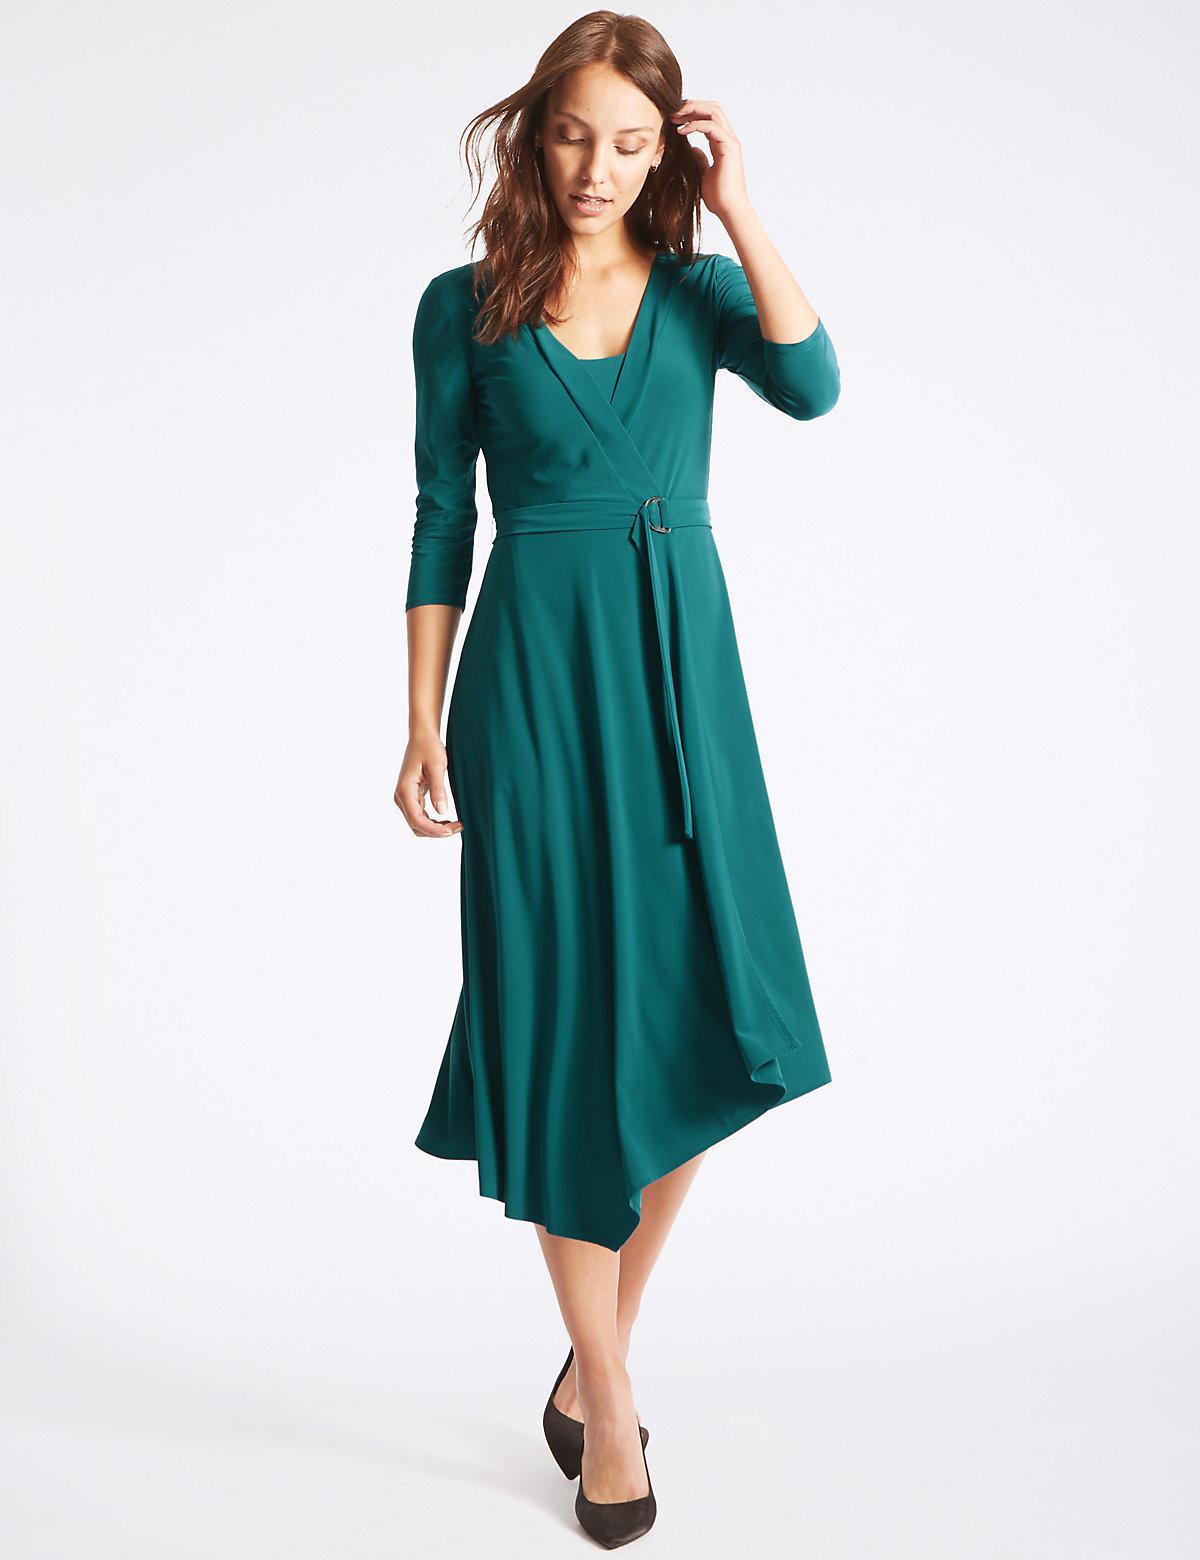 Vistoso Marks And Spencer Dresses For Weddings Bosquejo - Ideas de ...